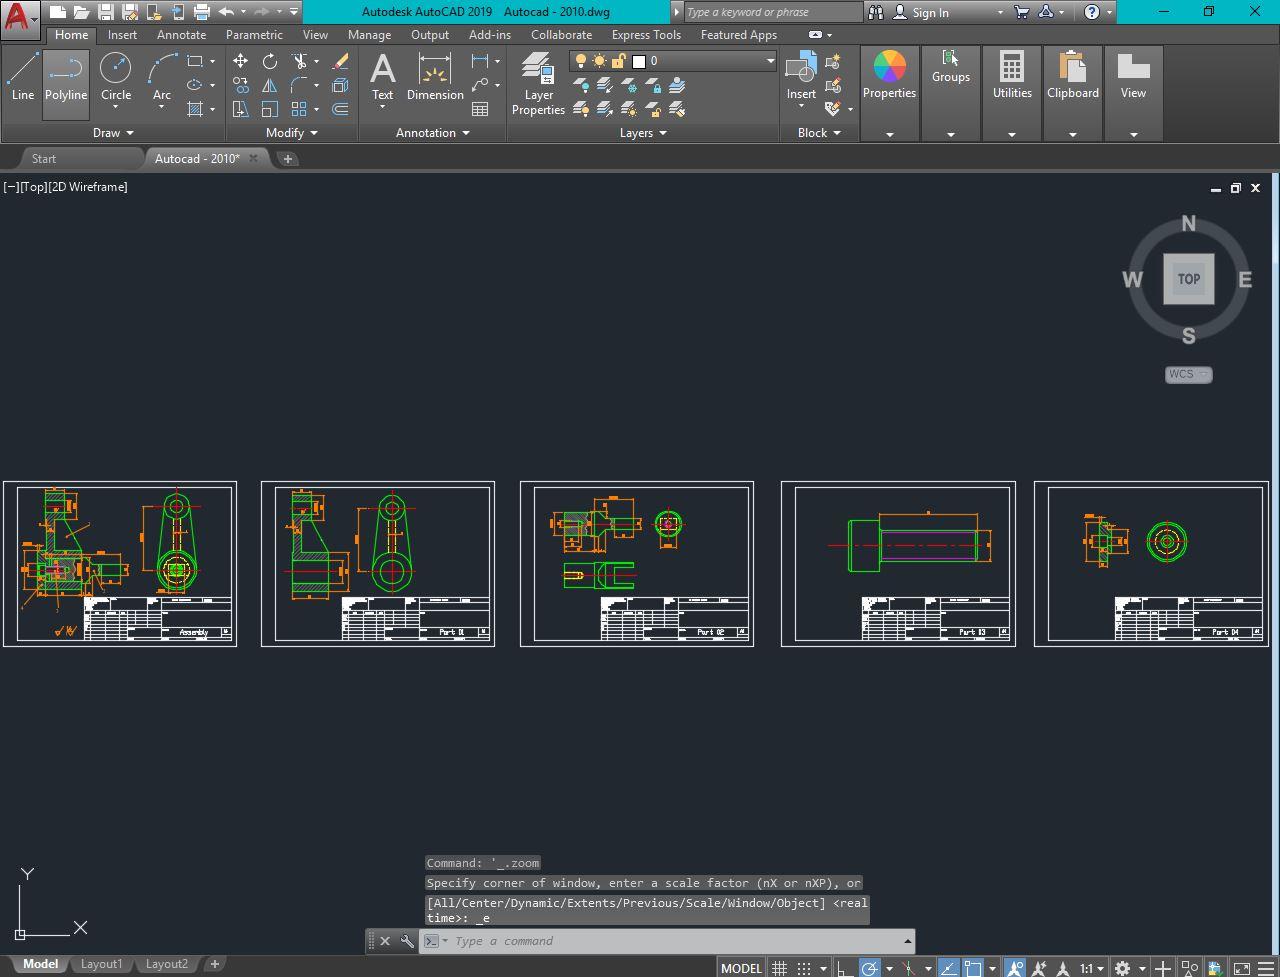 پروژه طراحی نقشه ترکیبی با سالیدورک